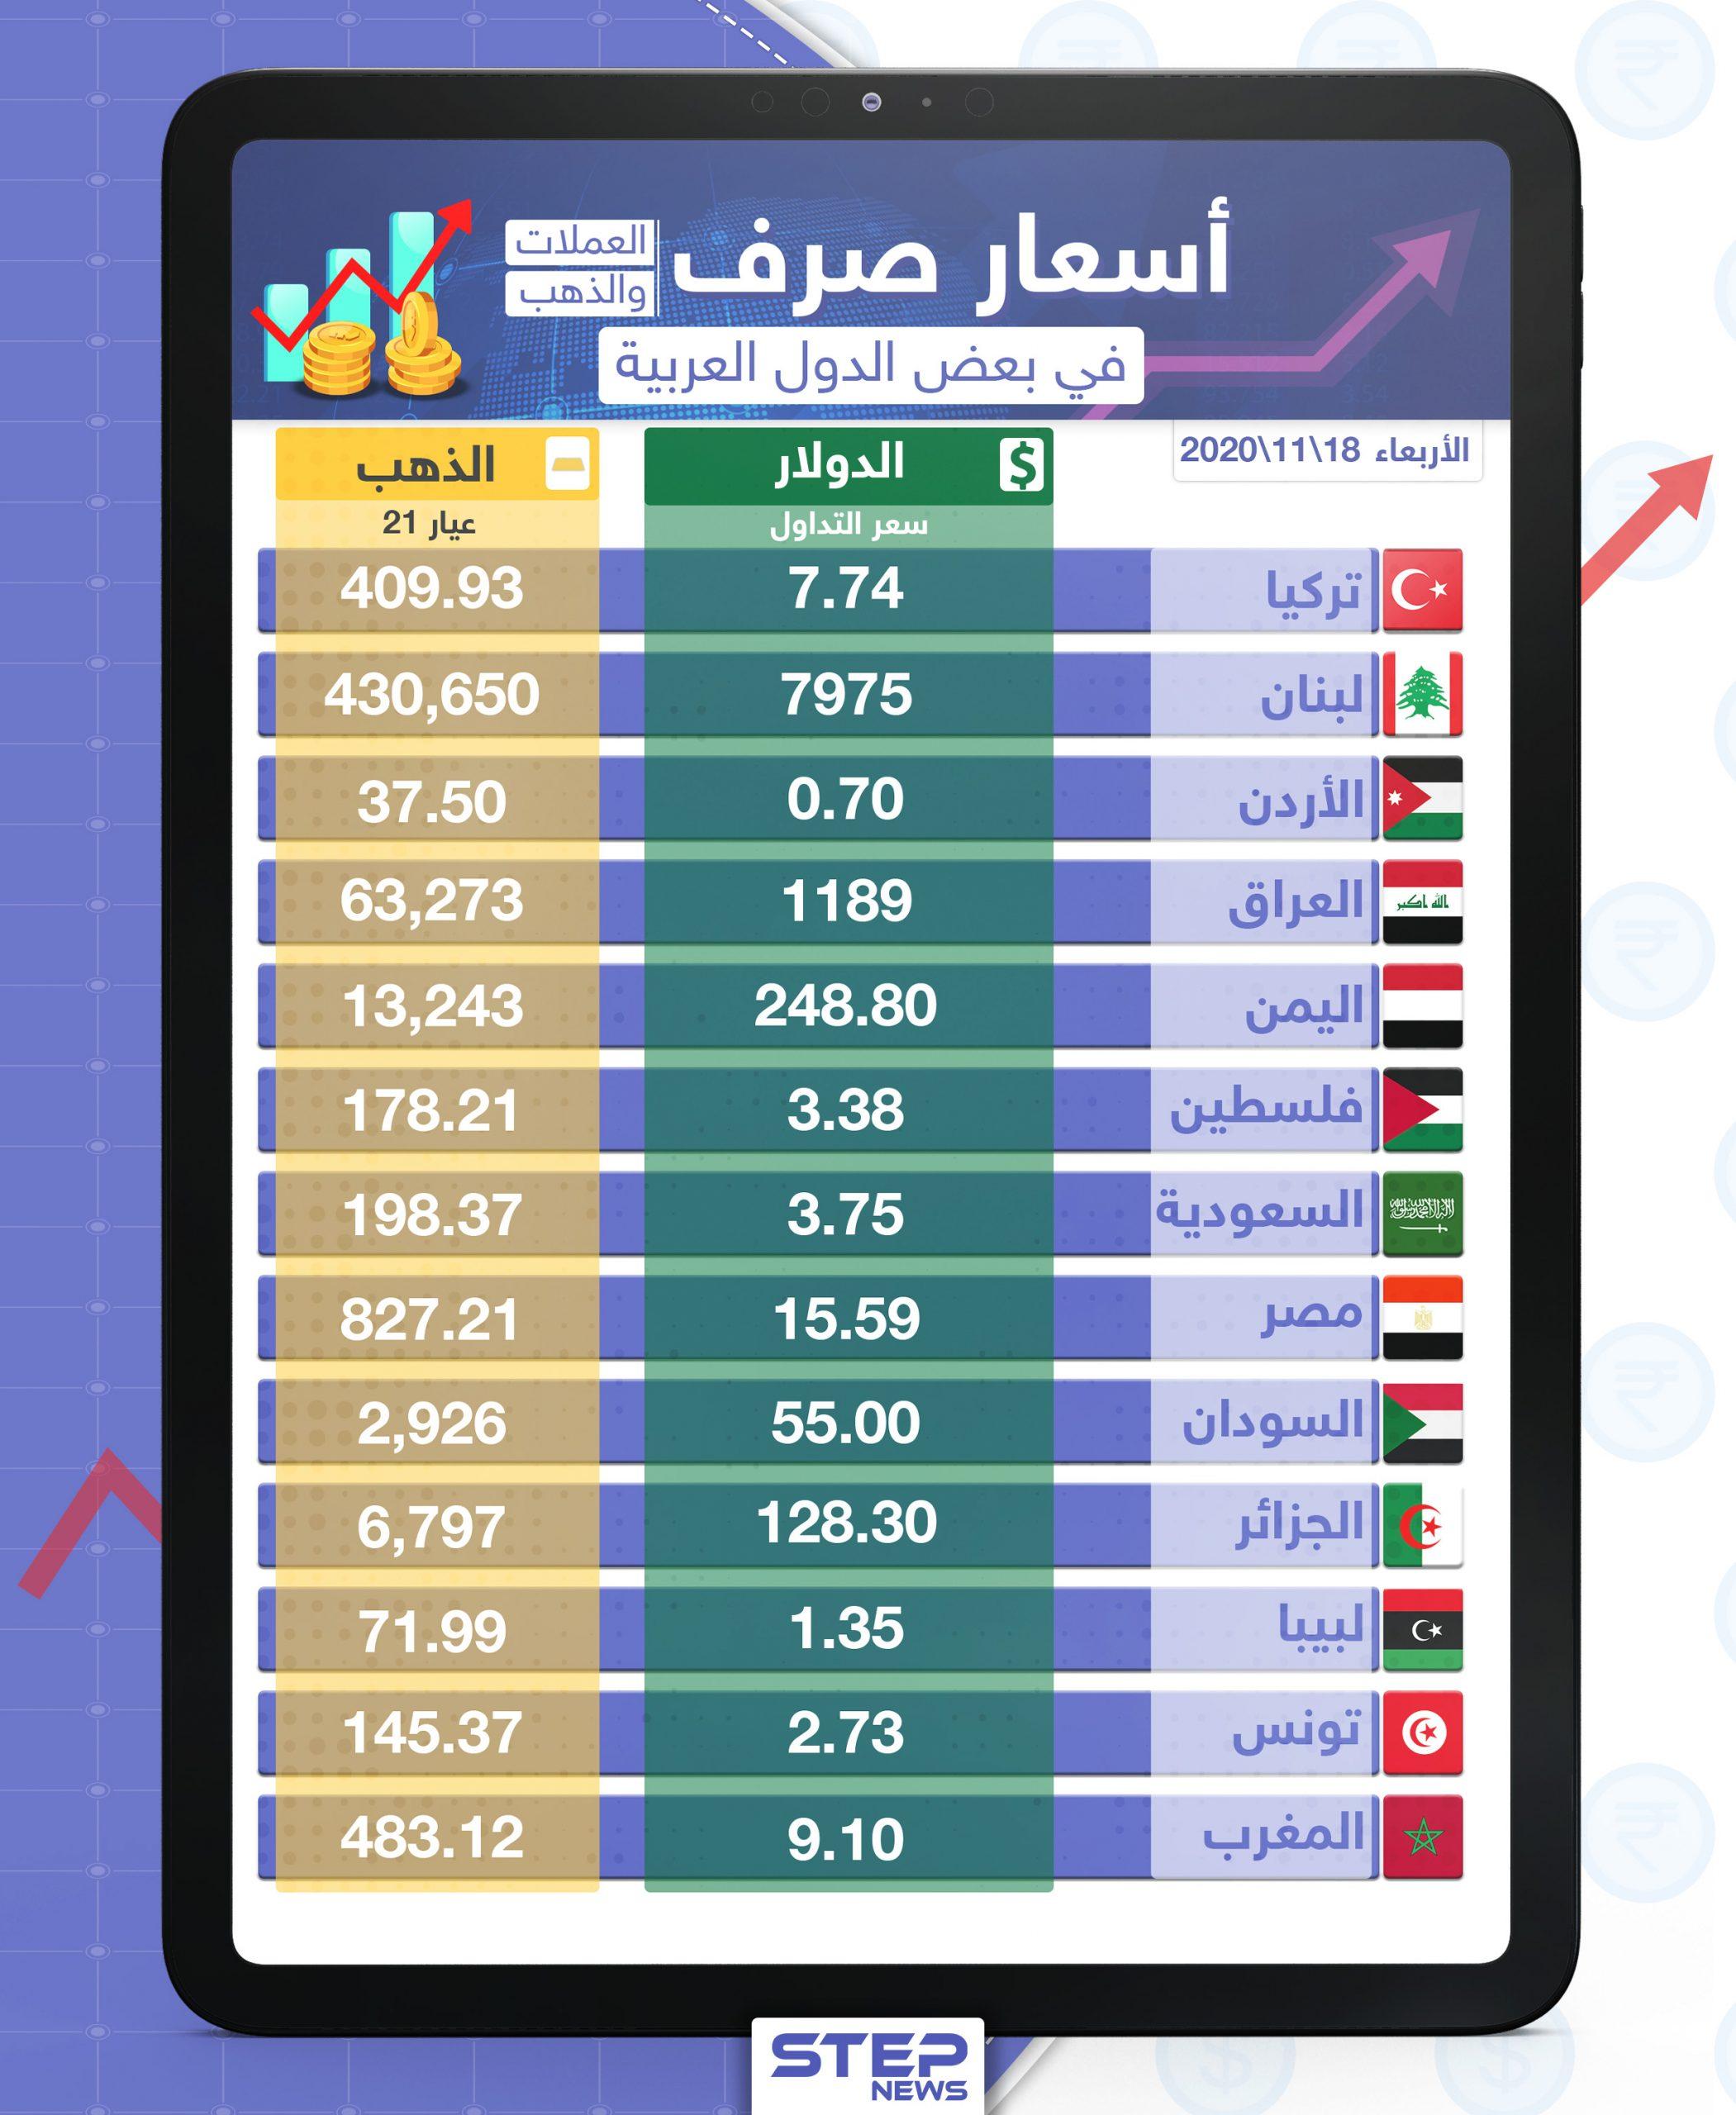 أسعار الذهب والعملات للدول العربية وتركيا اليوم الأربعاء الموافق 18 تشرين الثاني 2020